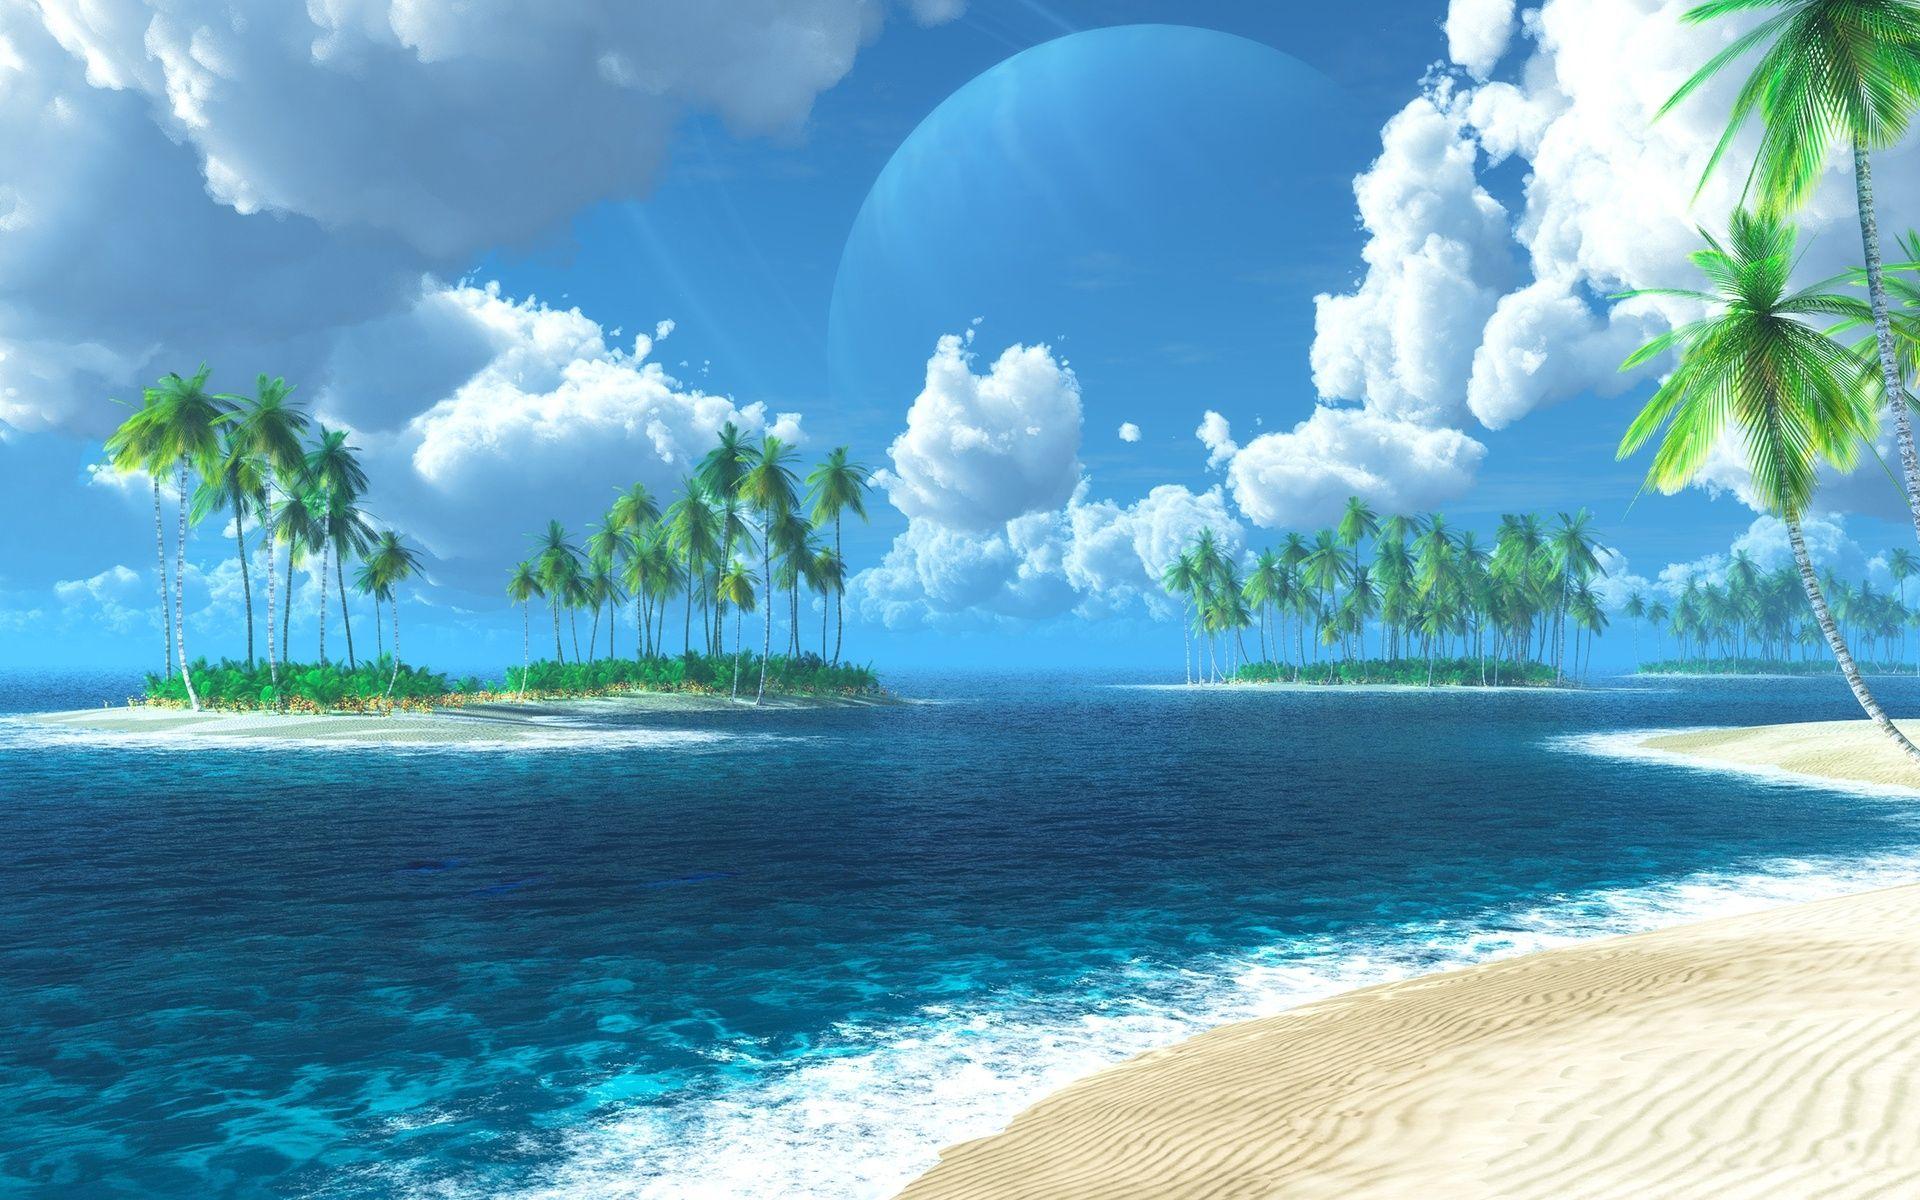 Serene Beach Wallpaper